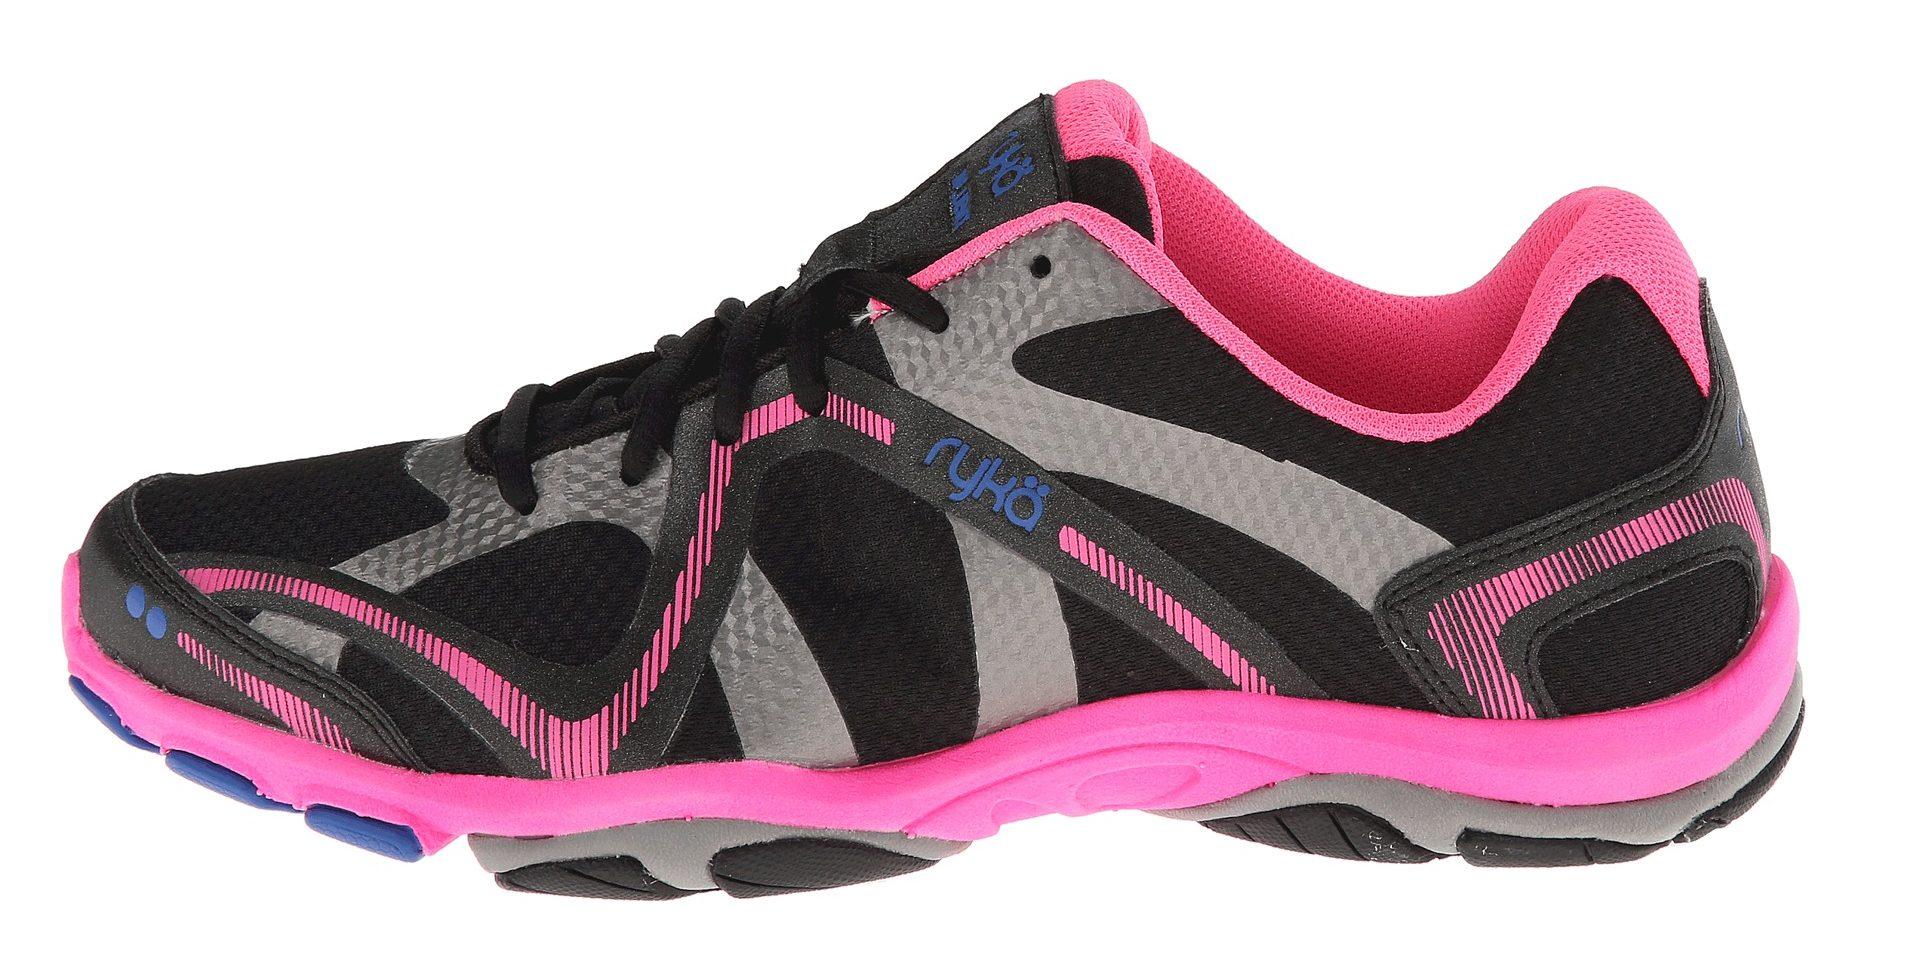 Как выбрать кроссовки для фитнеса, кроссфита и силовой тренировки ... 2f02e12f3af